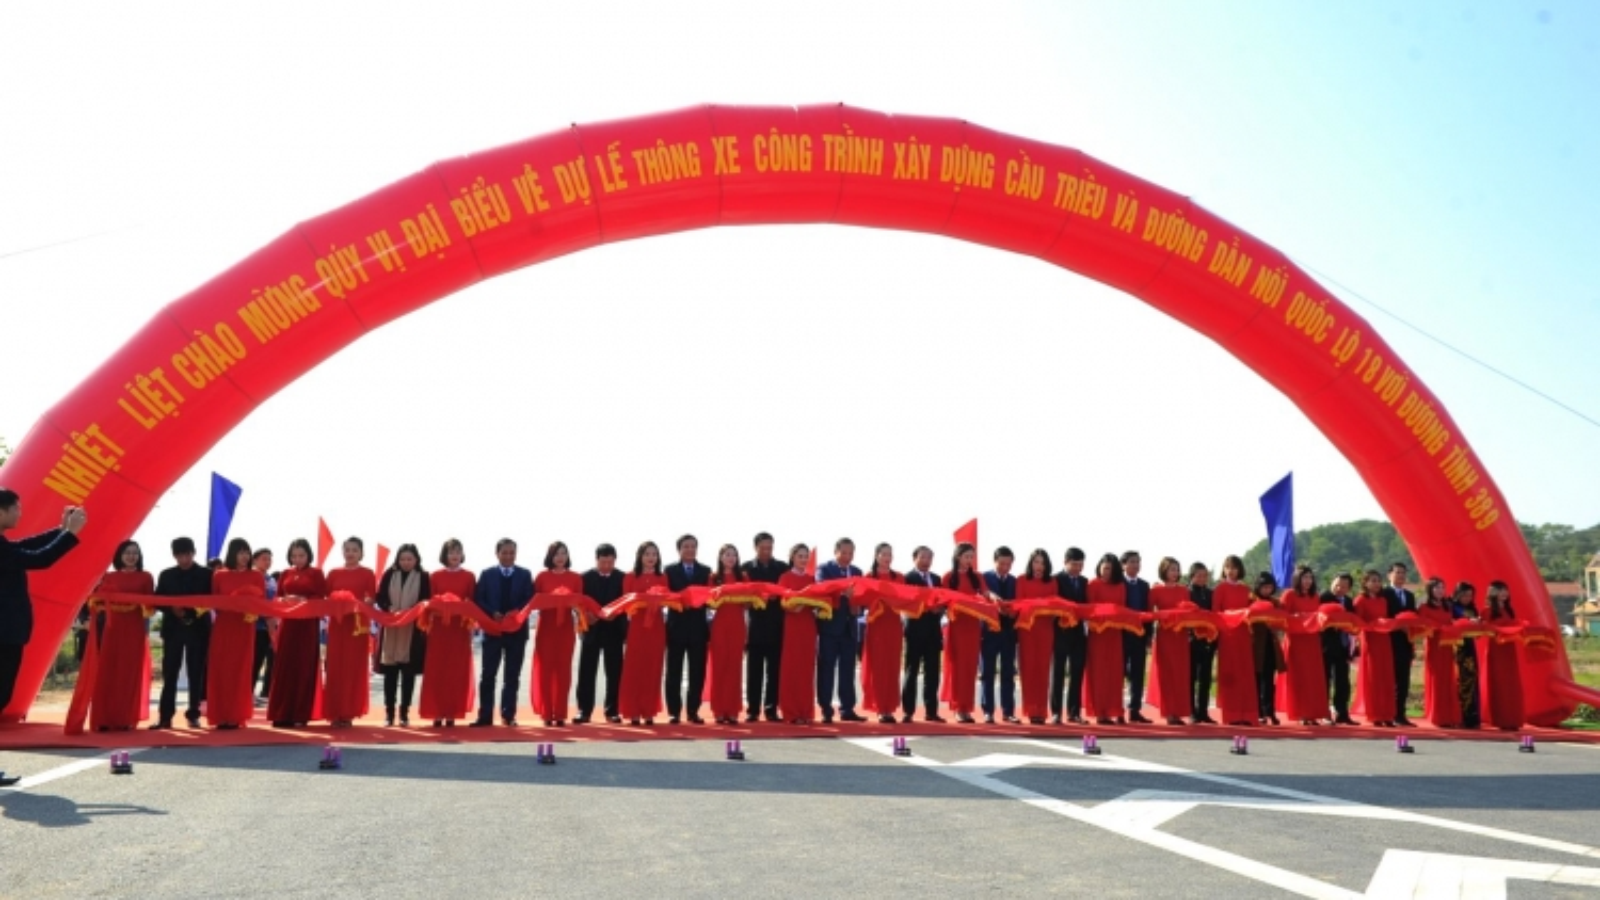 Thông xe cầu Cầu Triều và đường dẫn nối giữa Hải Dương -Quảng Ninh